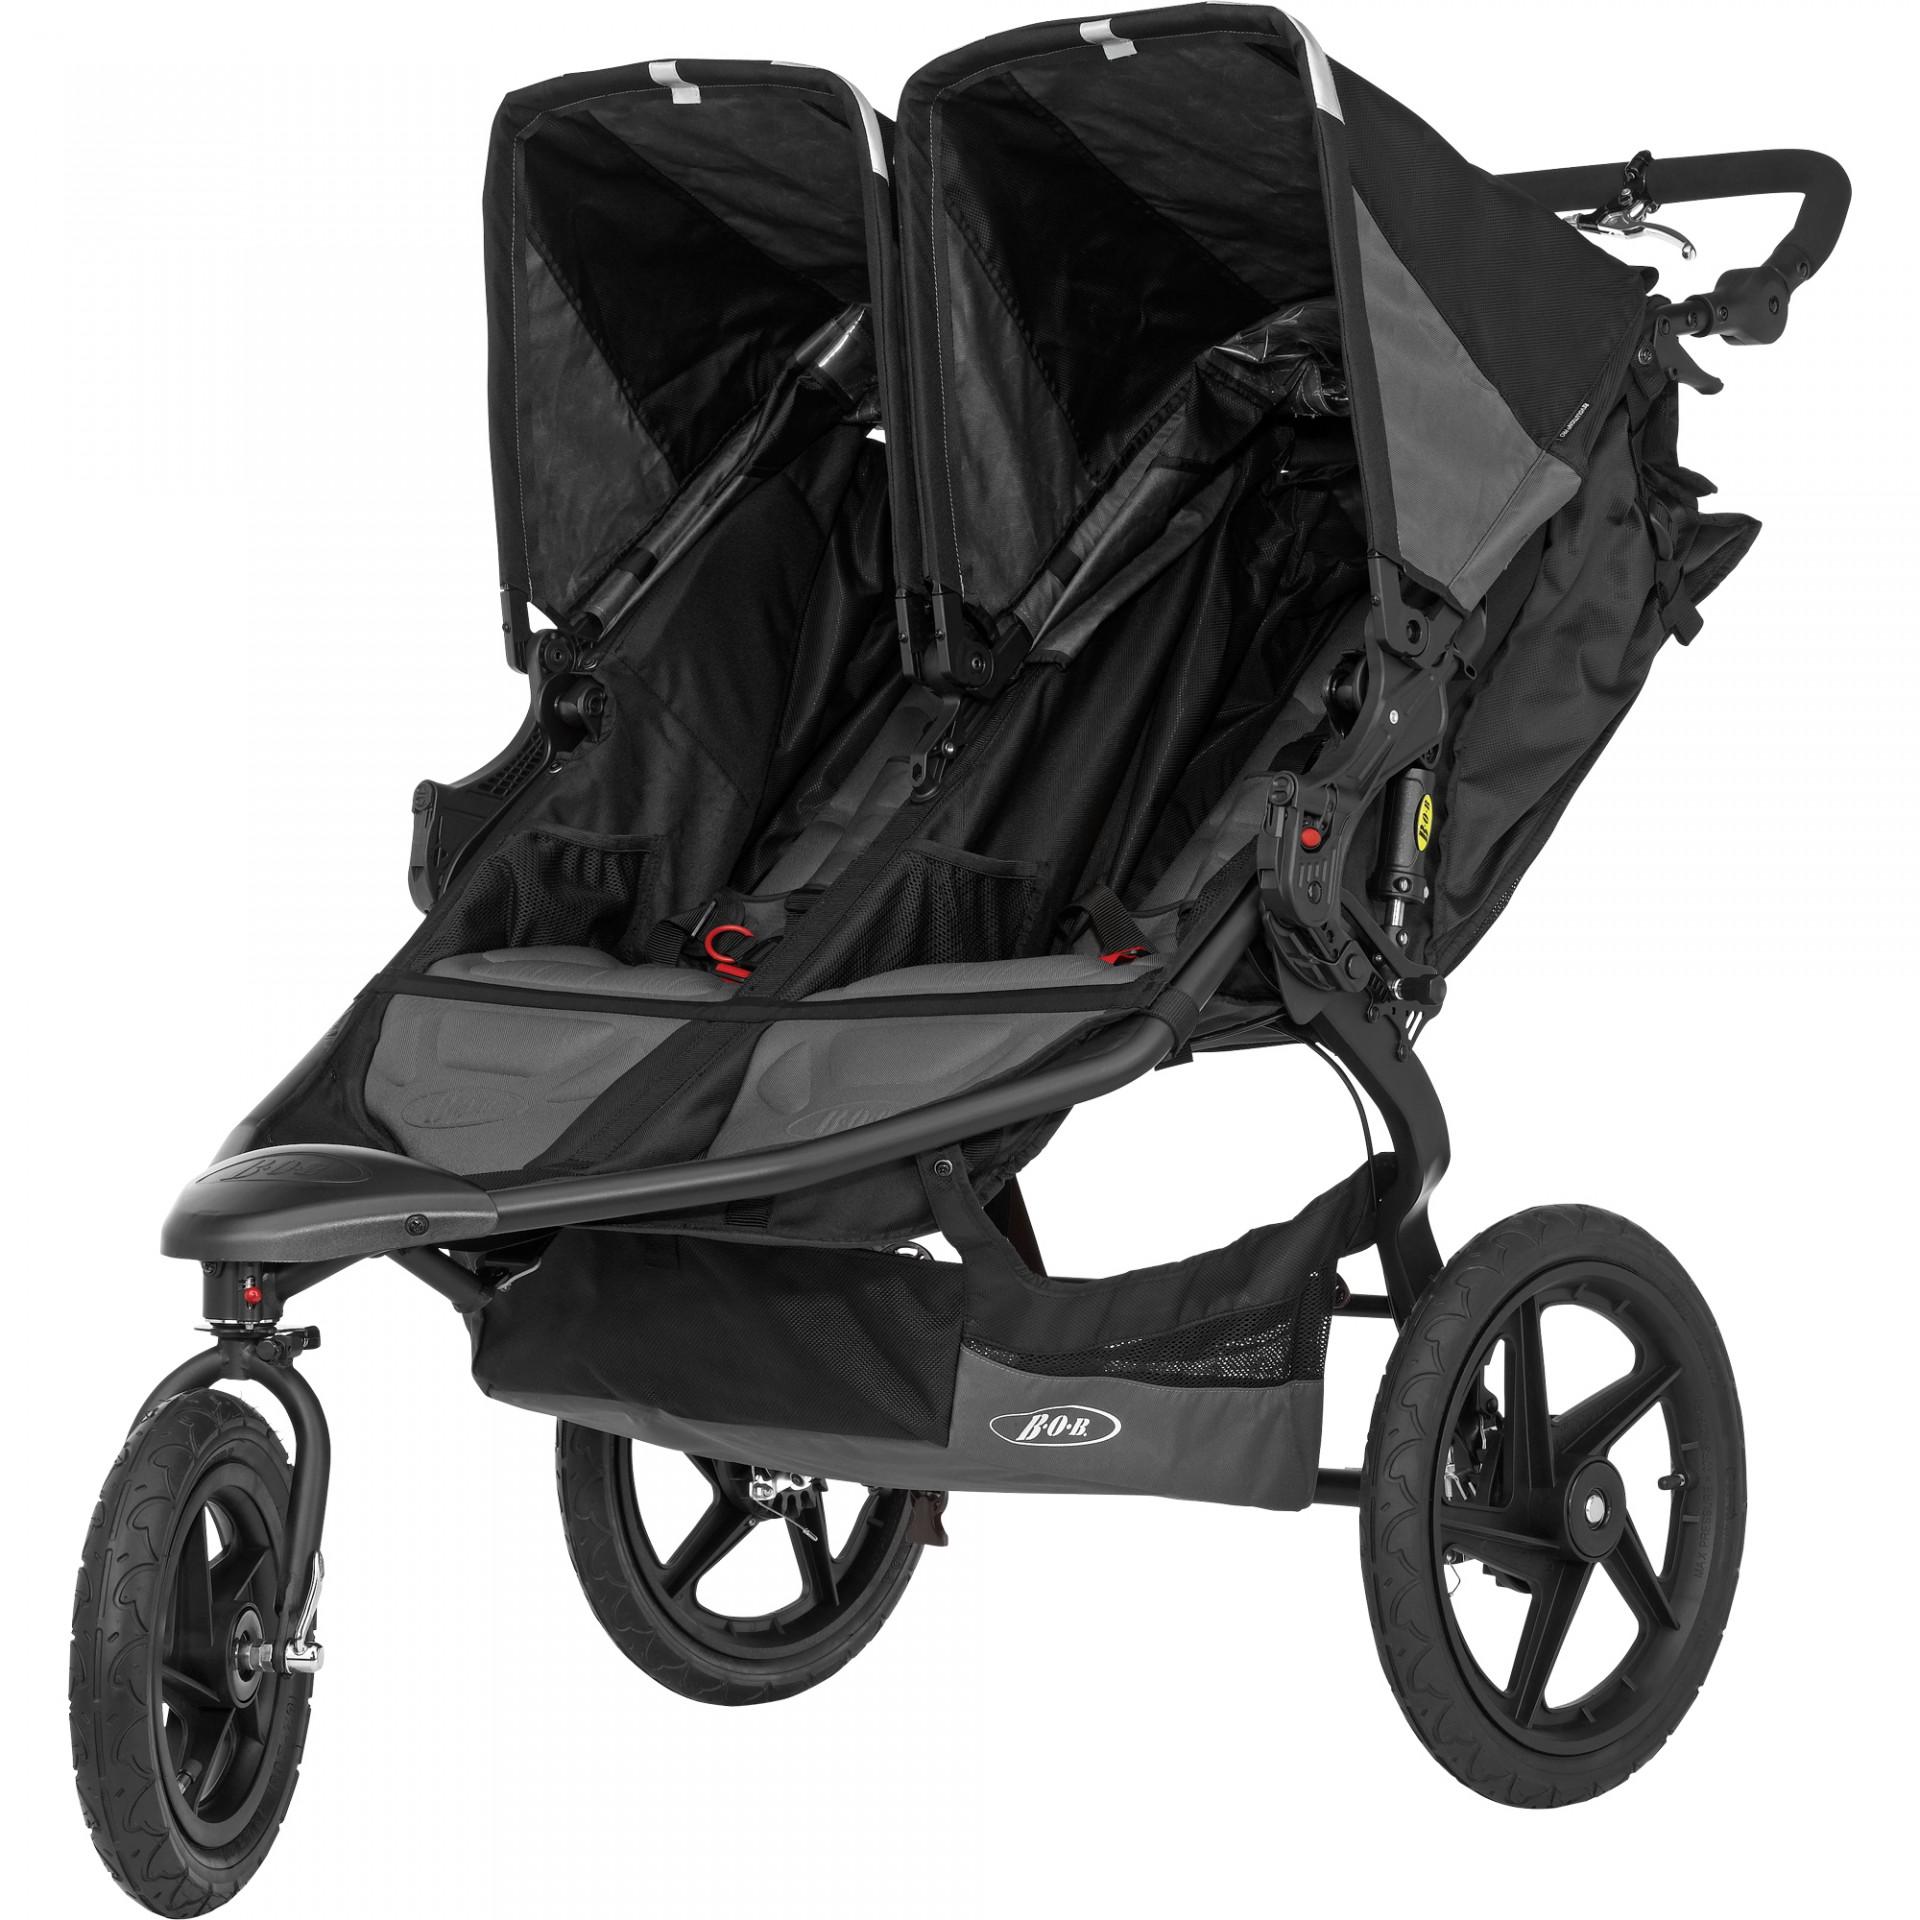 Carro Gémeos/2 crianças Britax Römer Bob Revolution Pro Duallie Twins Stroller